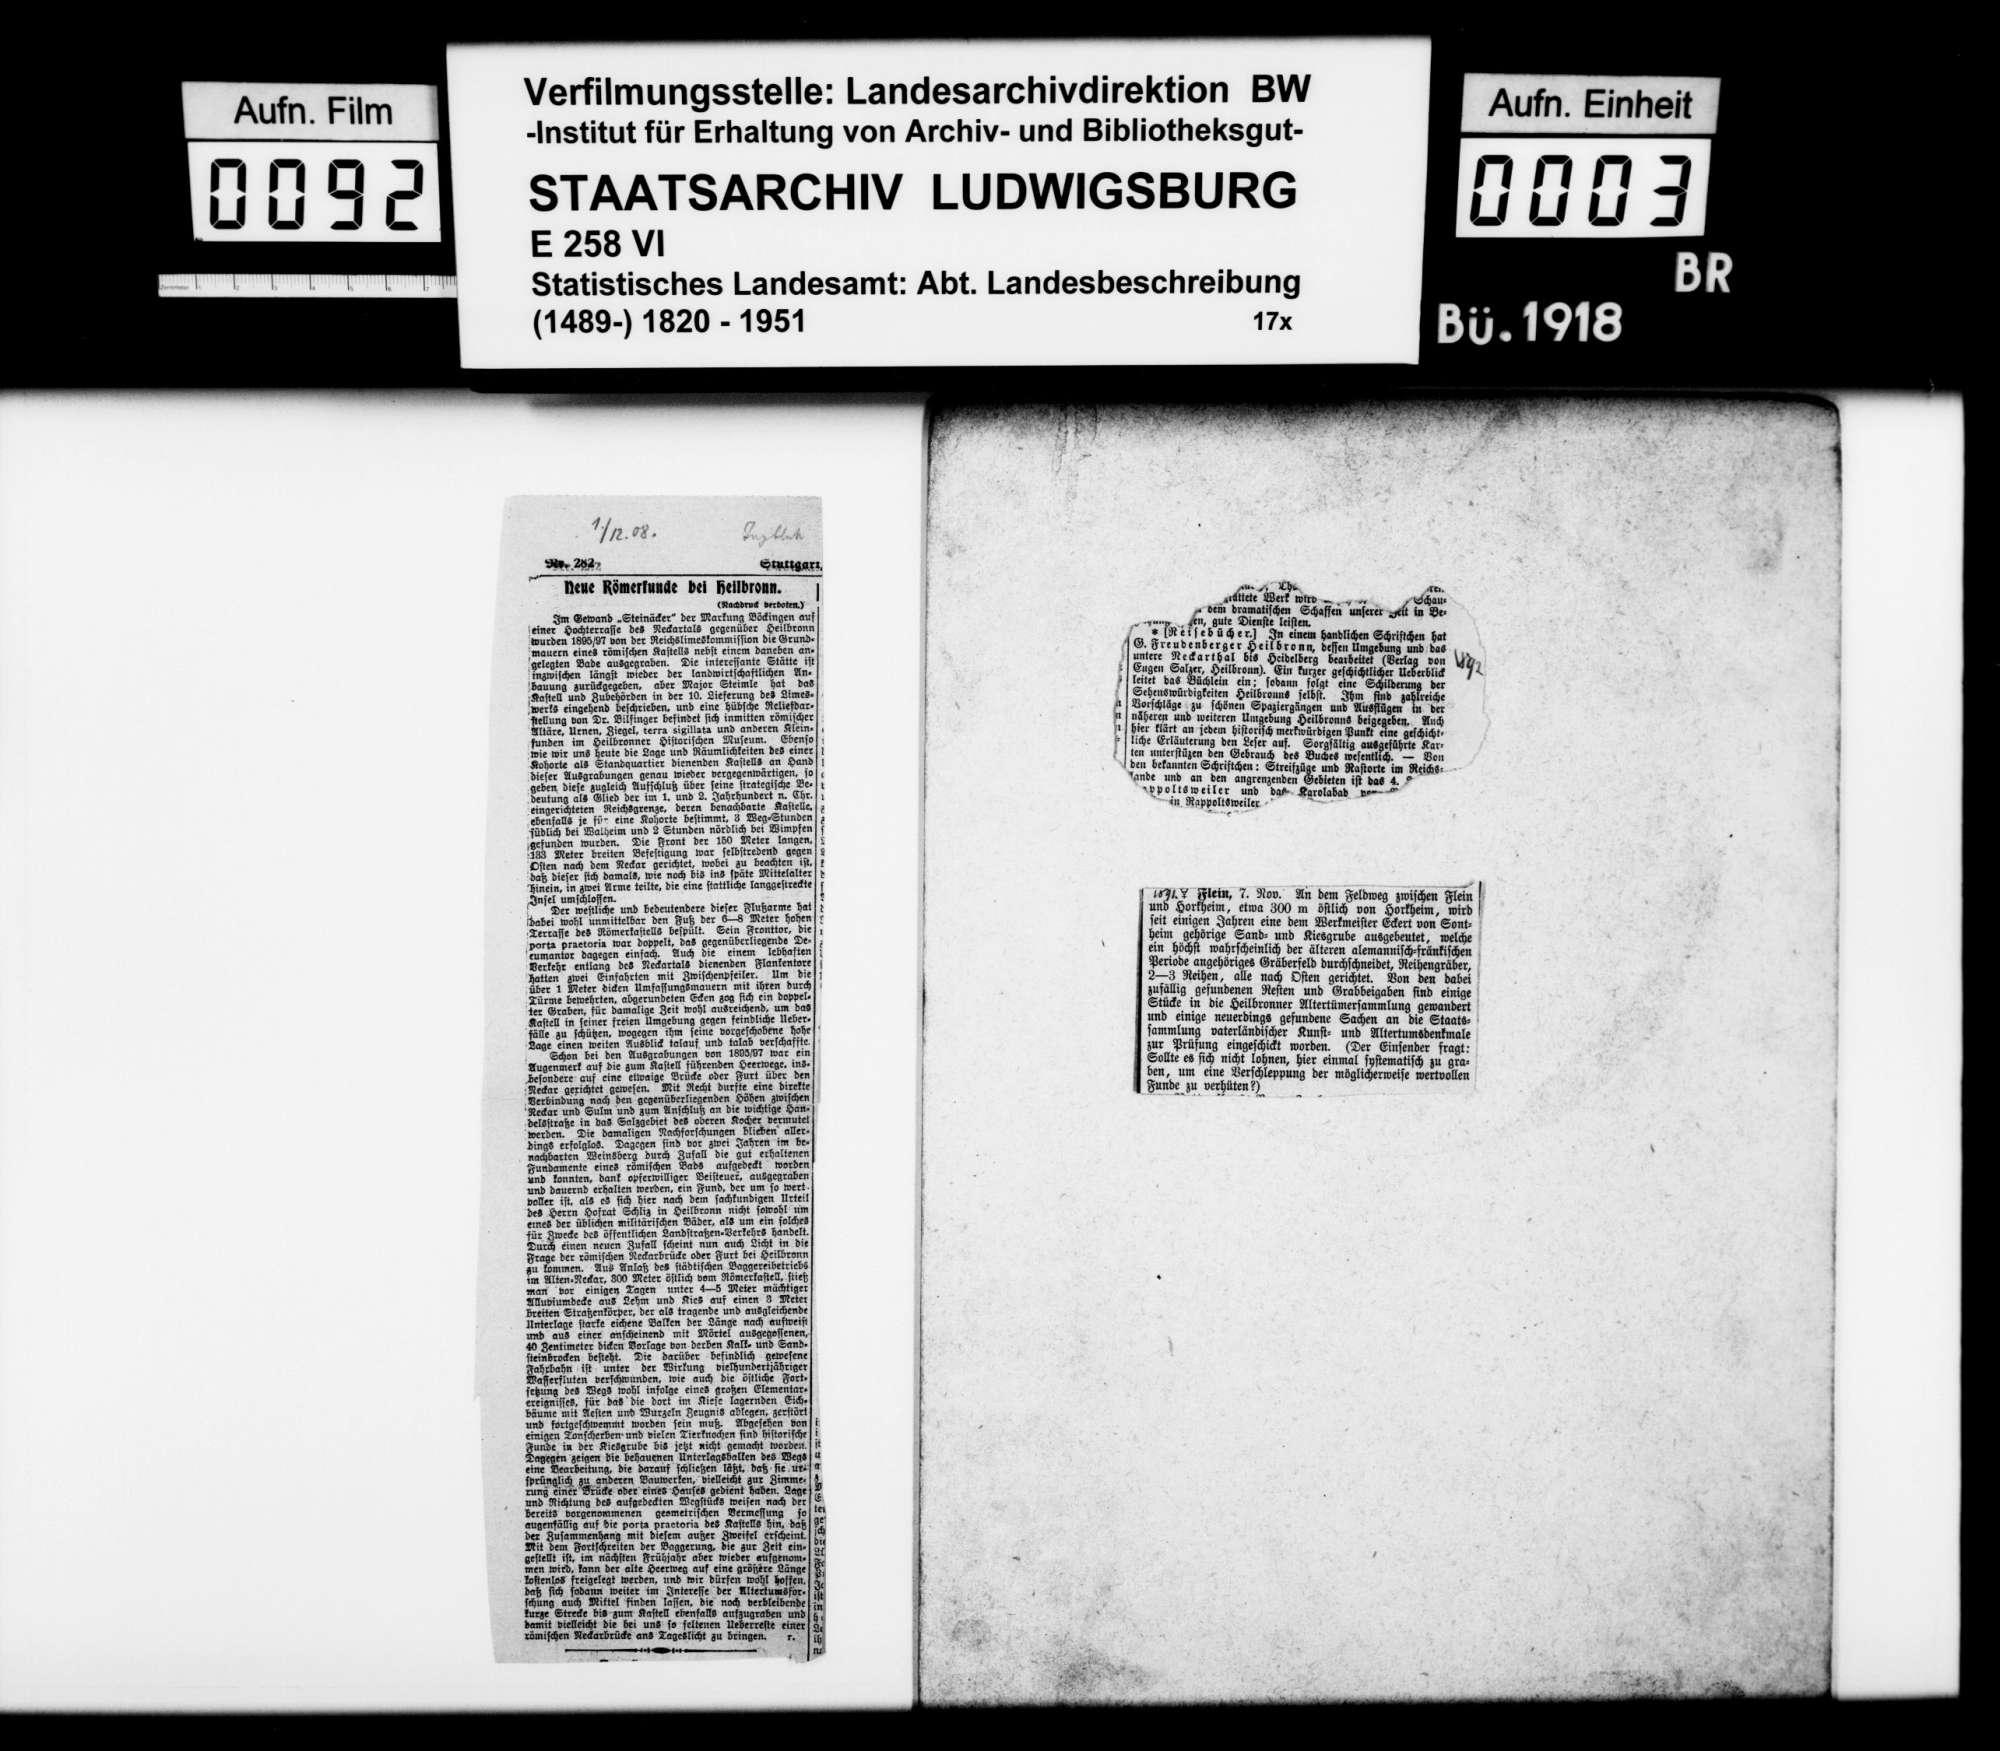 Sammlung gedruckten Materials für die Neubearbeitung der OAB, Bild 2